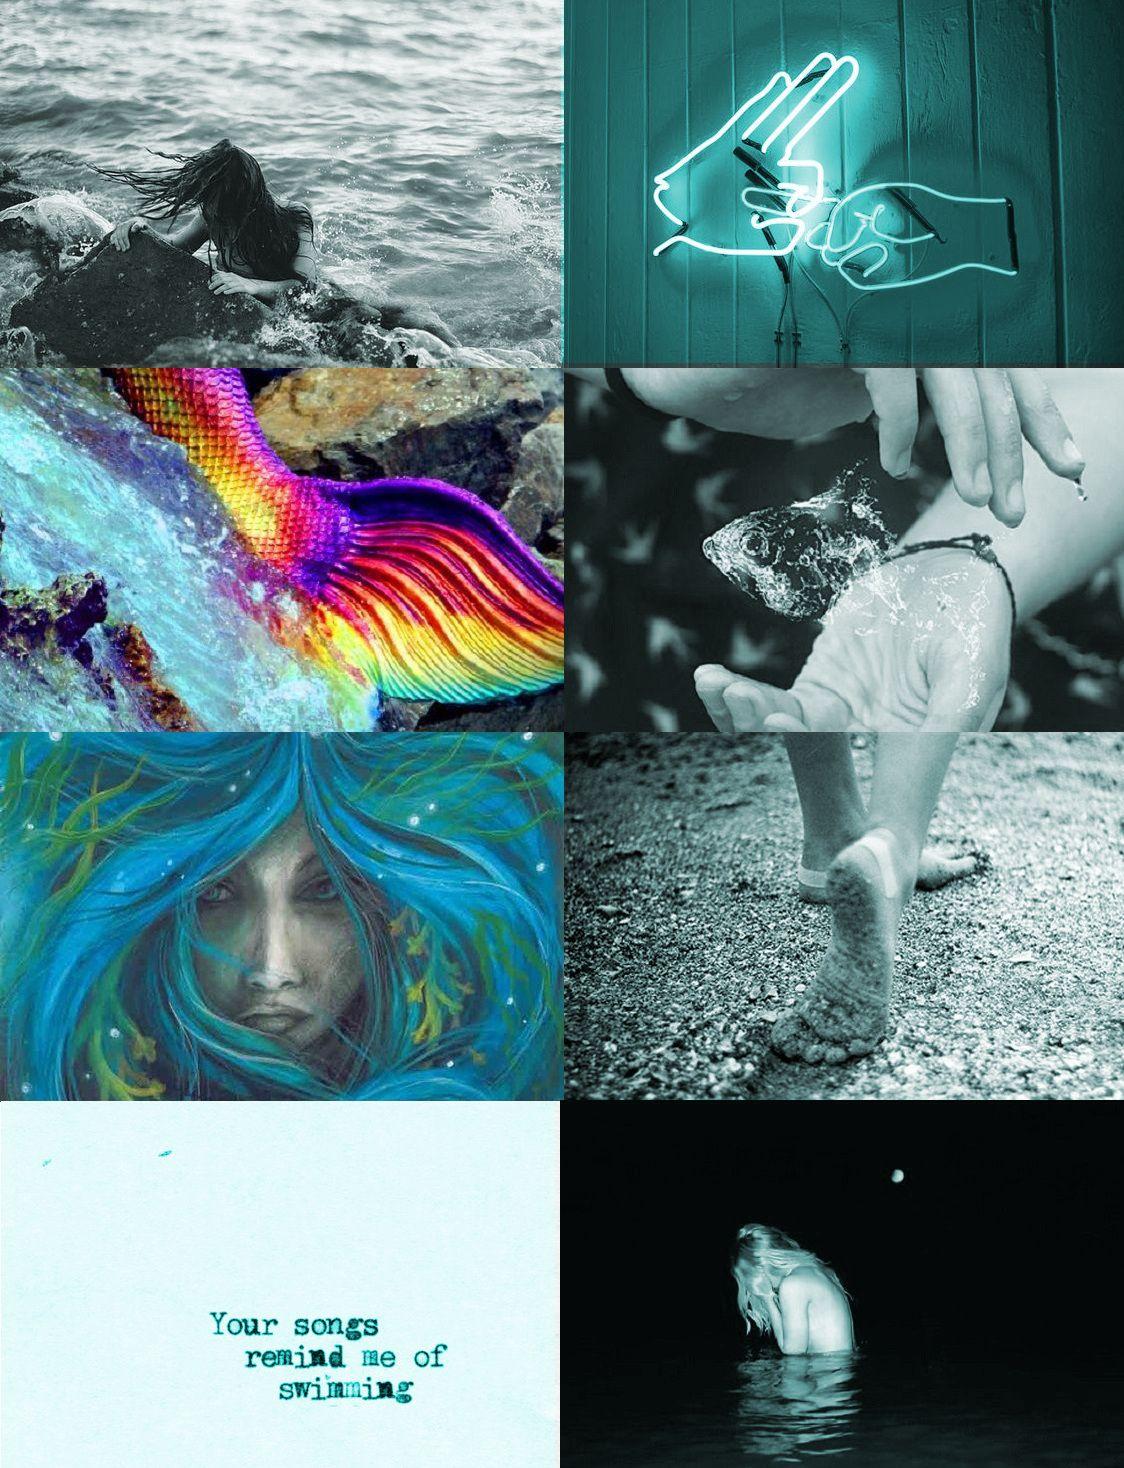 Aquarius dᴇᴍᴏɴ oᴄus pinterest aquarius